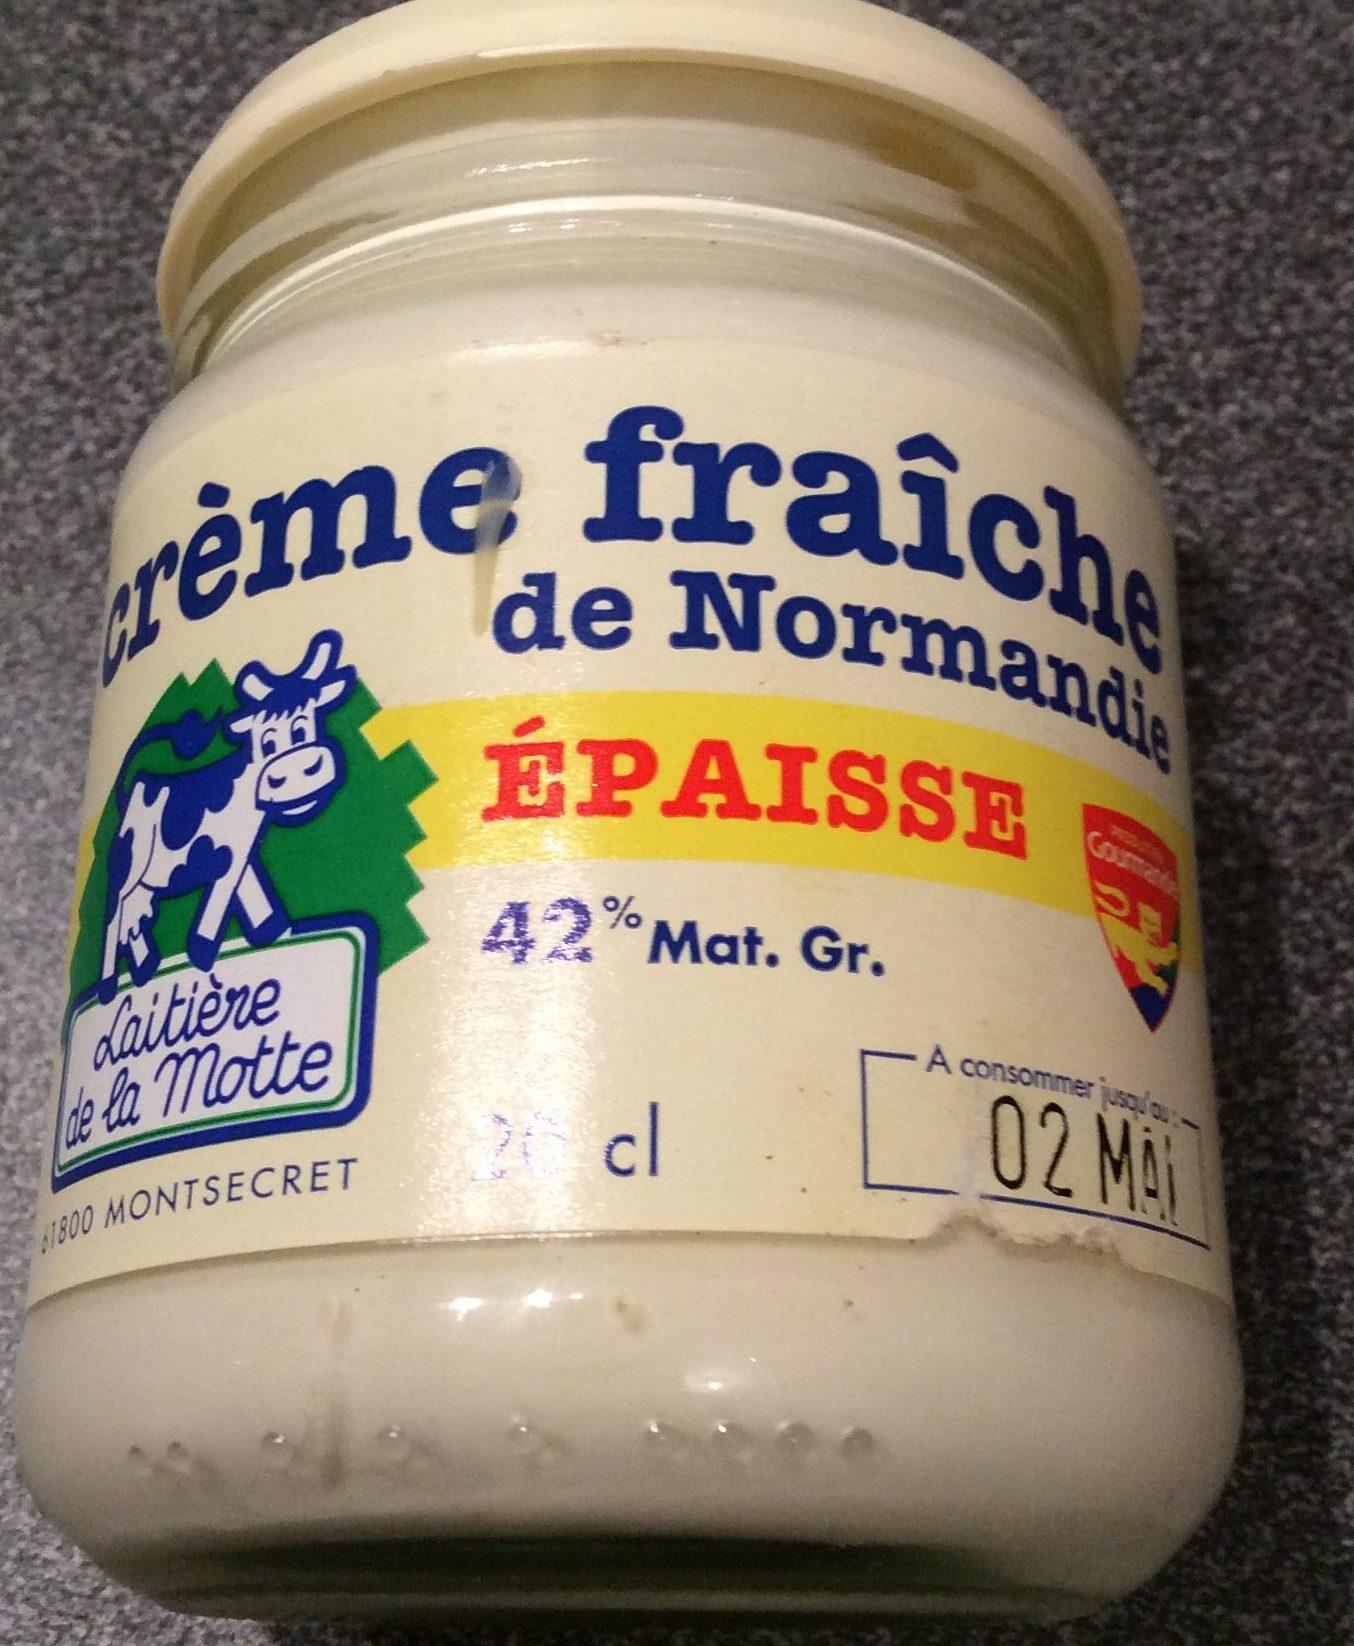 Crème fraîche de Normandie épaisse - Product